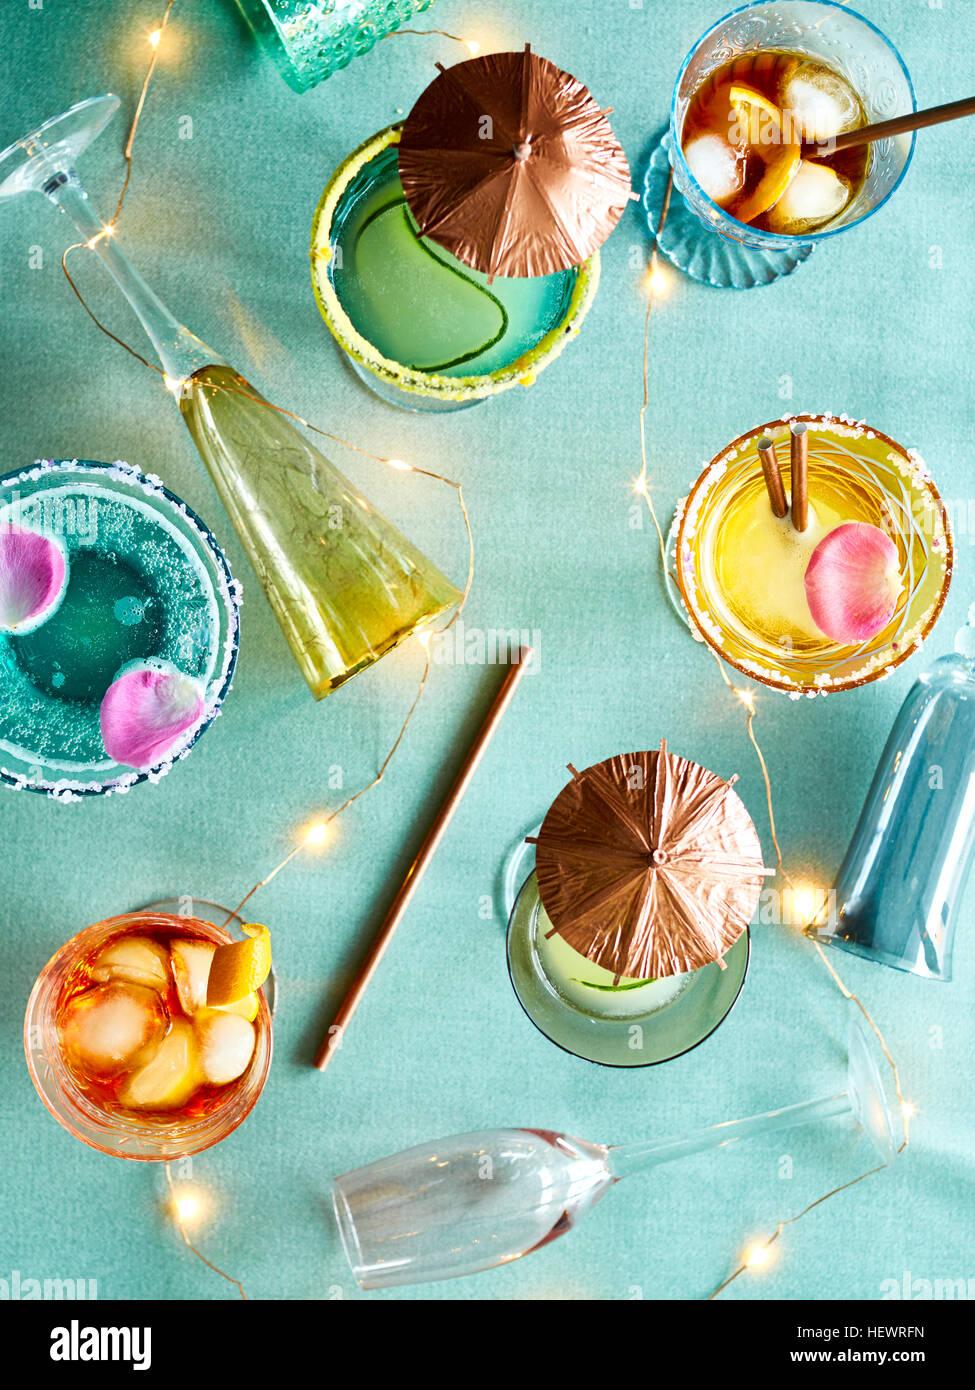 Luci decorative e cocktail party Immagini Stock